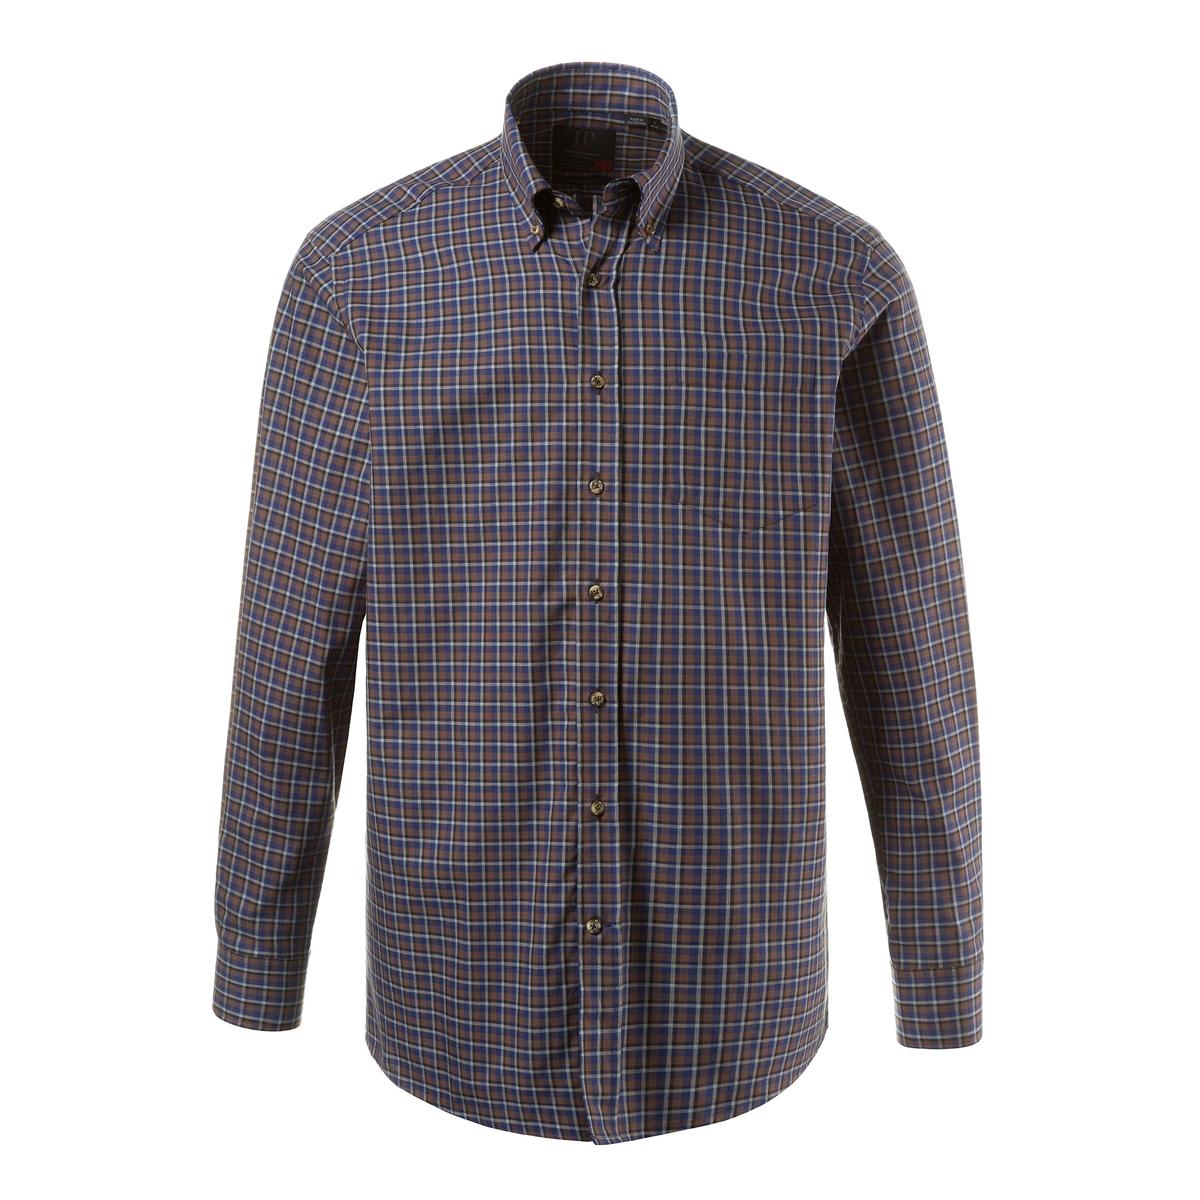 Рубашка с длинными рукавамиРубашка с длинными рукавами JP1880. Уголки воротника на пуговицах, нагрудный карман. Удобный покрой. Длина в зависимости от размера ок. 82-96 см. 100% хлопок.<br><br>Цвет: в клетку<br>Размер: 5XL